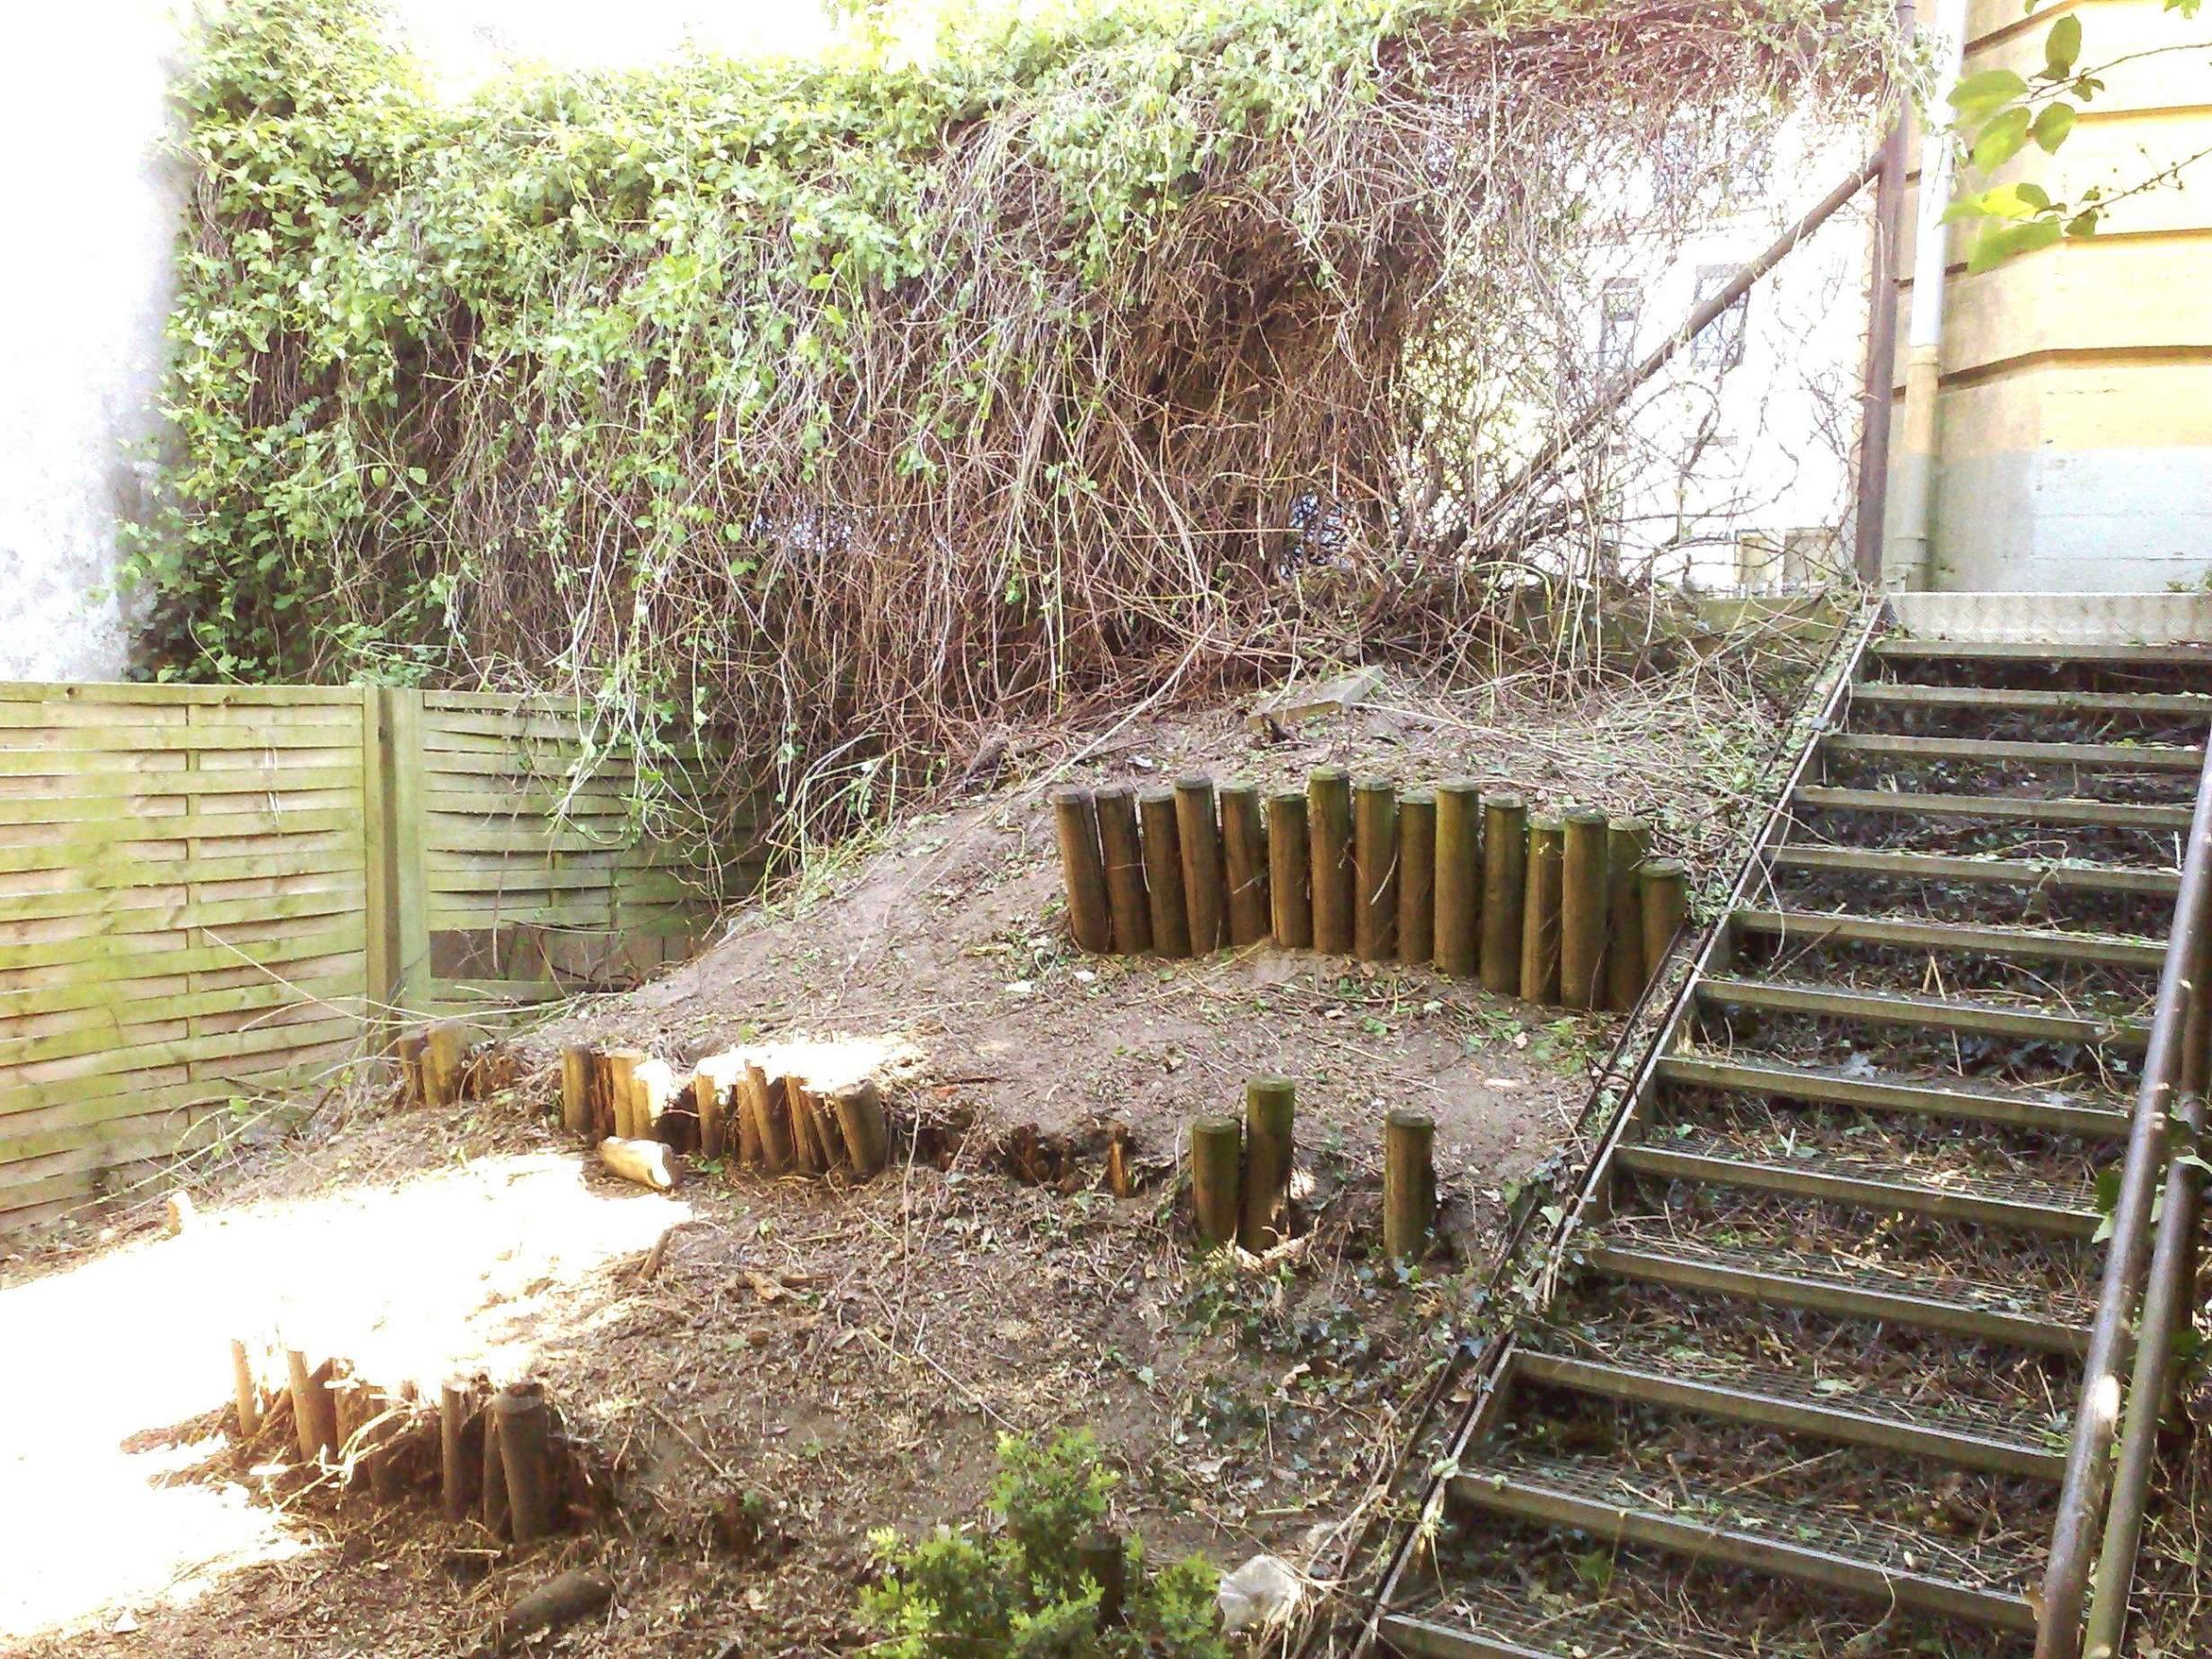 40 neu gestaltungsideen garten pflanzen sichtschutz terrasse kubel pflanzen sichtschutz terrasse kubel